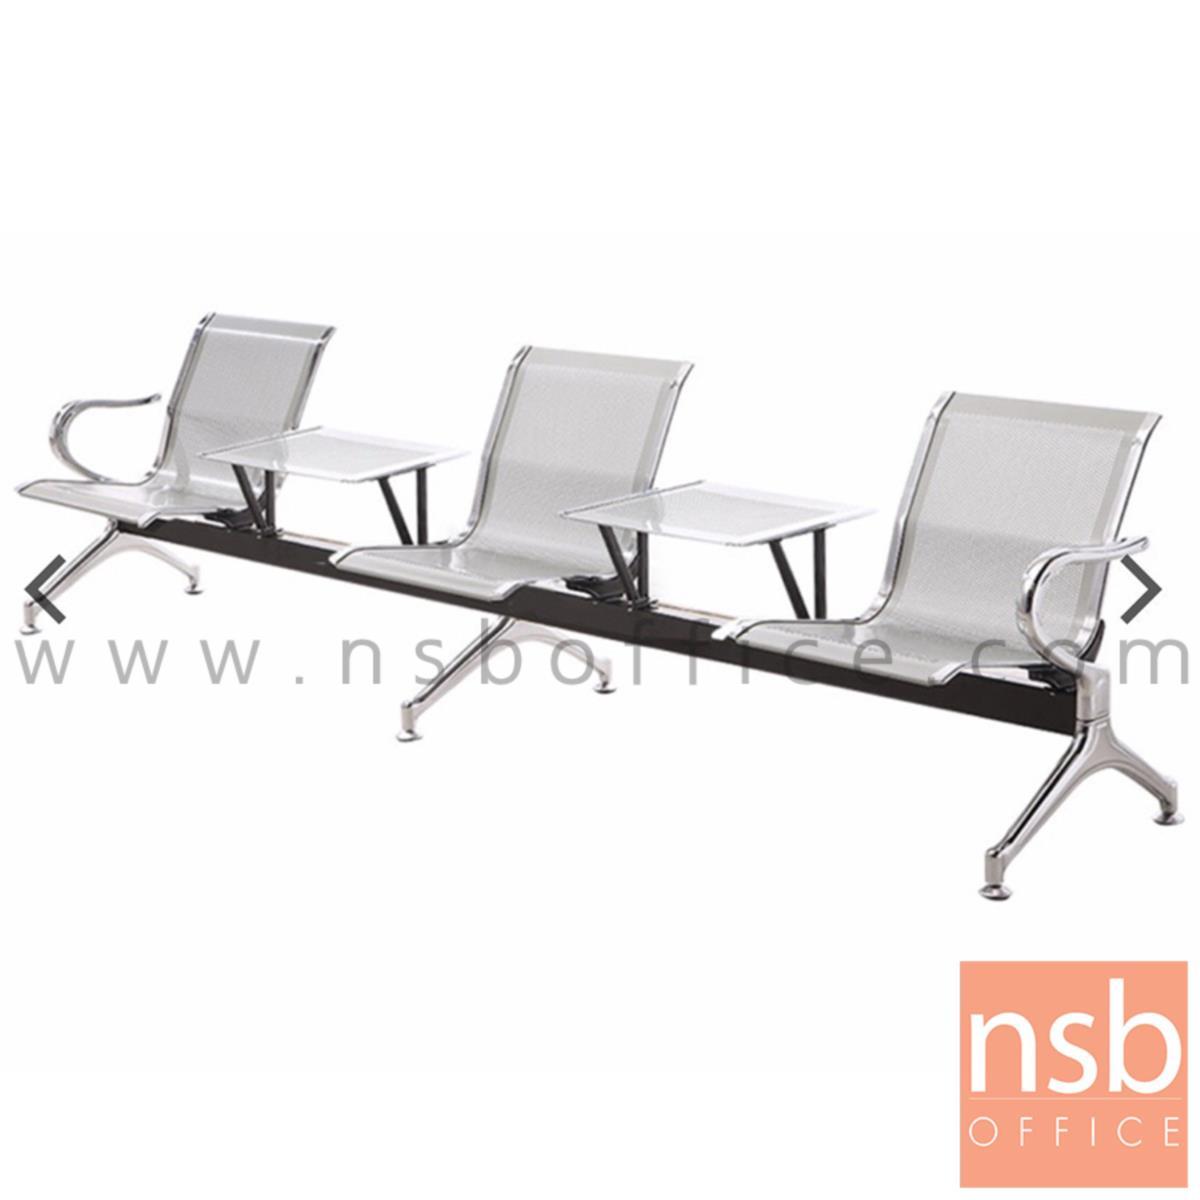 B06A150:เก้าอี้นั่งคอยเหล็ก รุ่น Stam (สแตม) 2, 3 ที่นั่ง พร้อมที่วางของ ขาเหล็ก